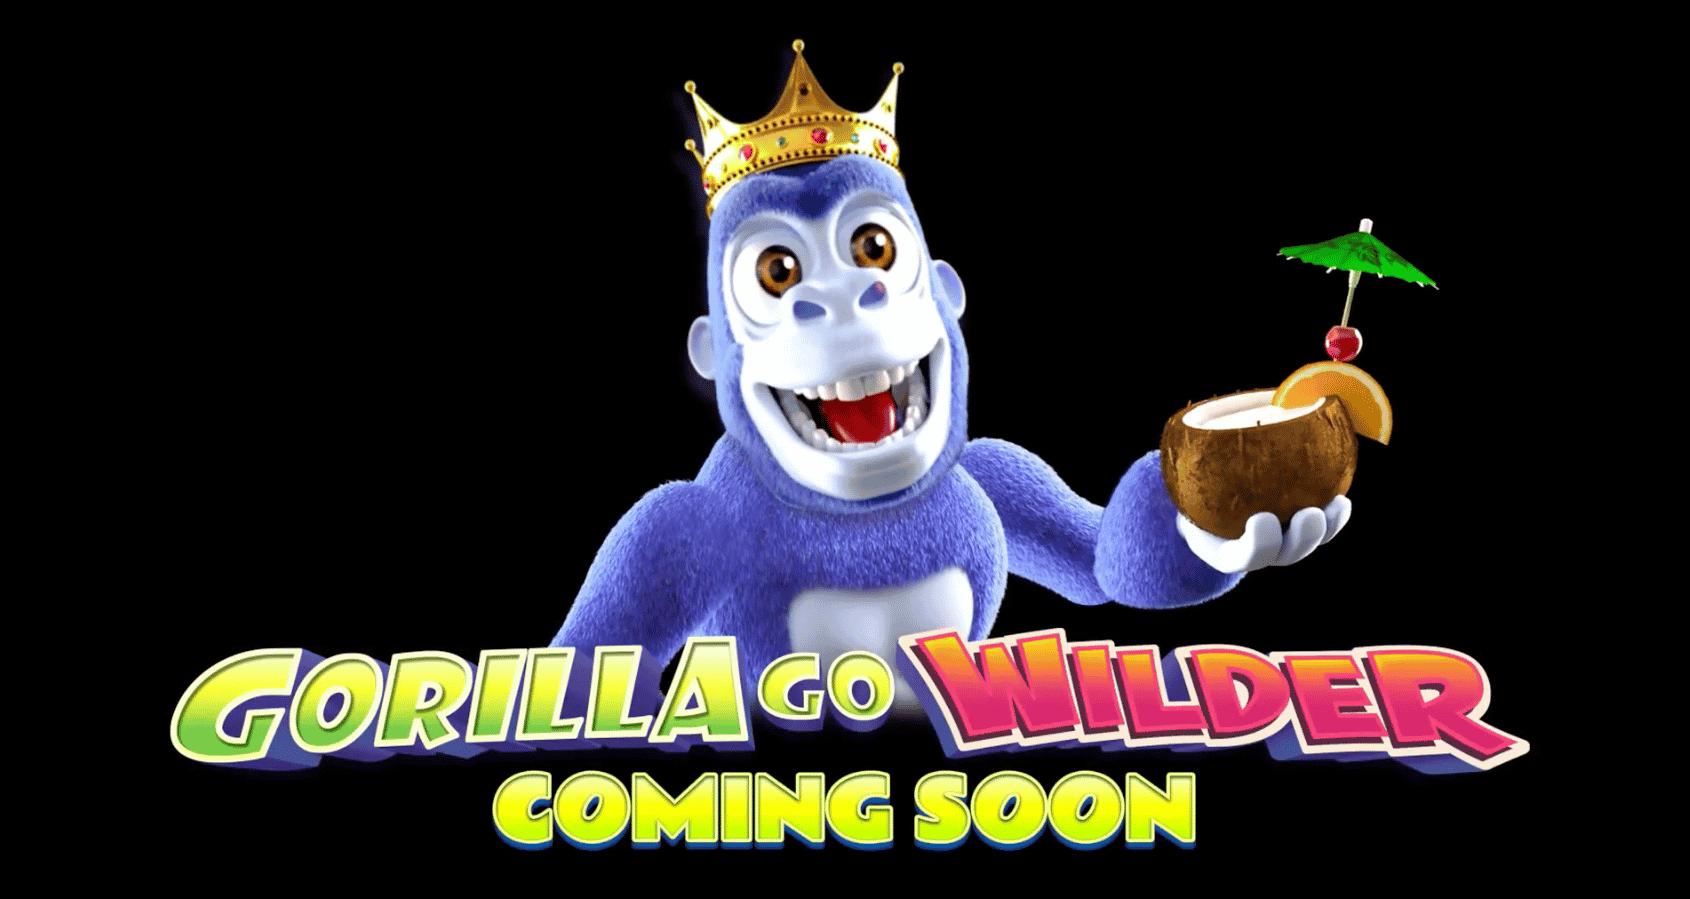 gorilla go wilder slot screen shot